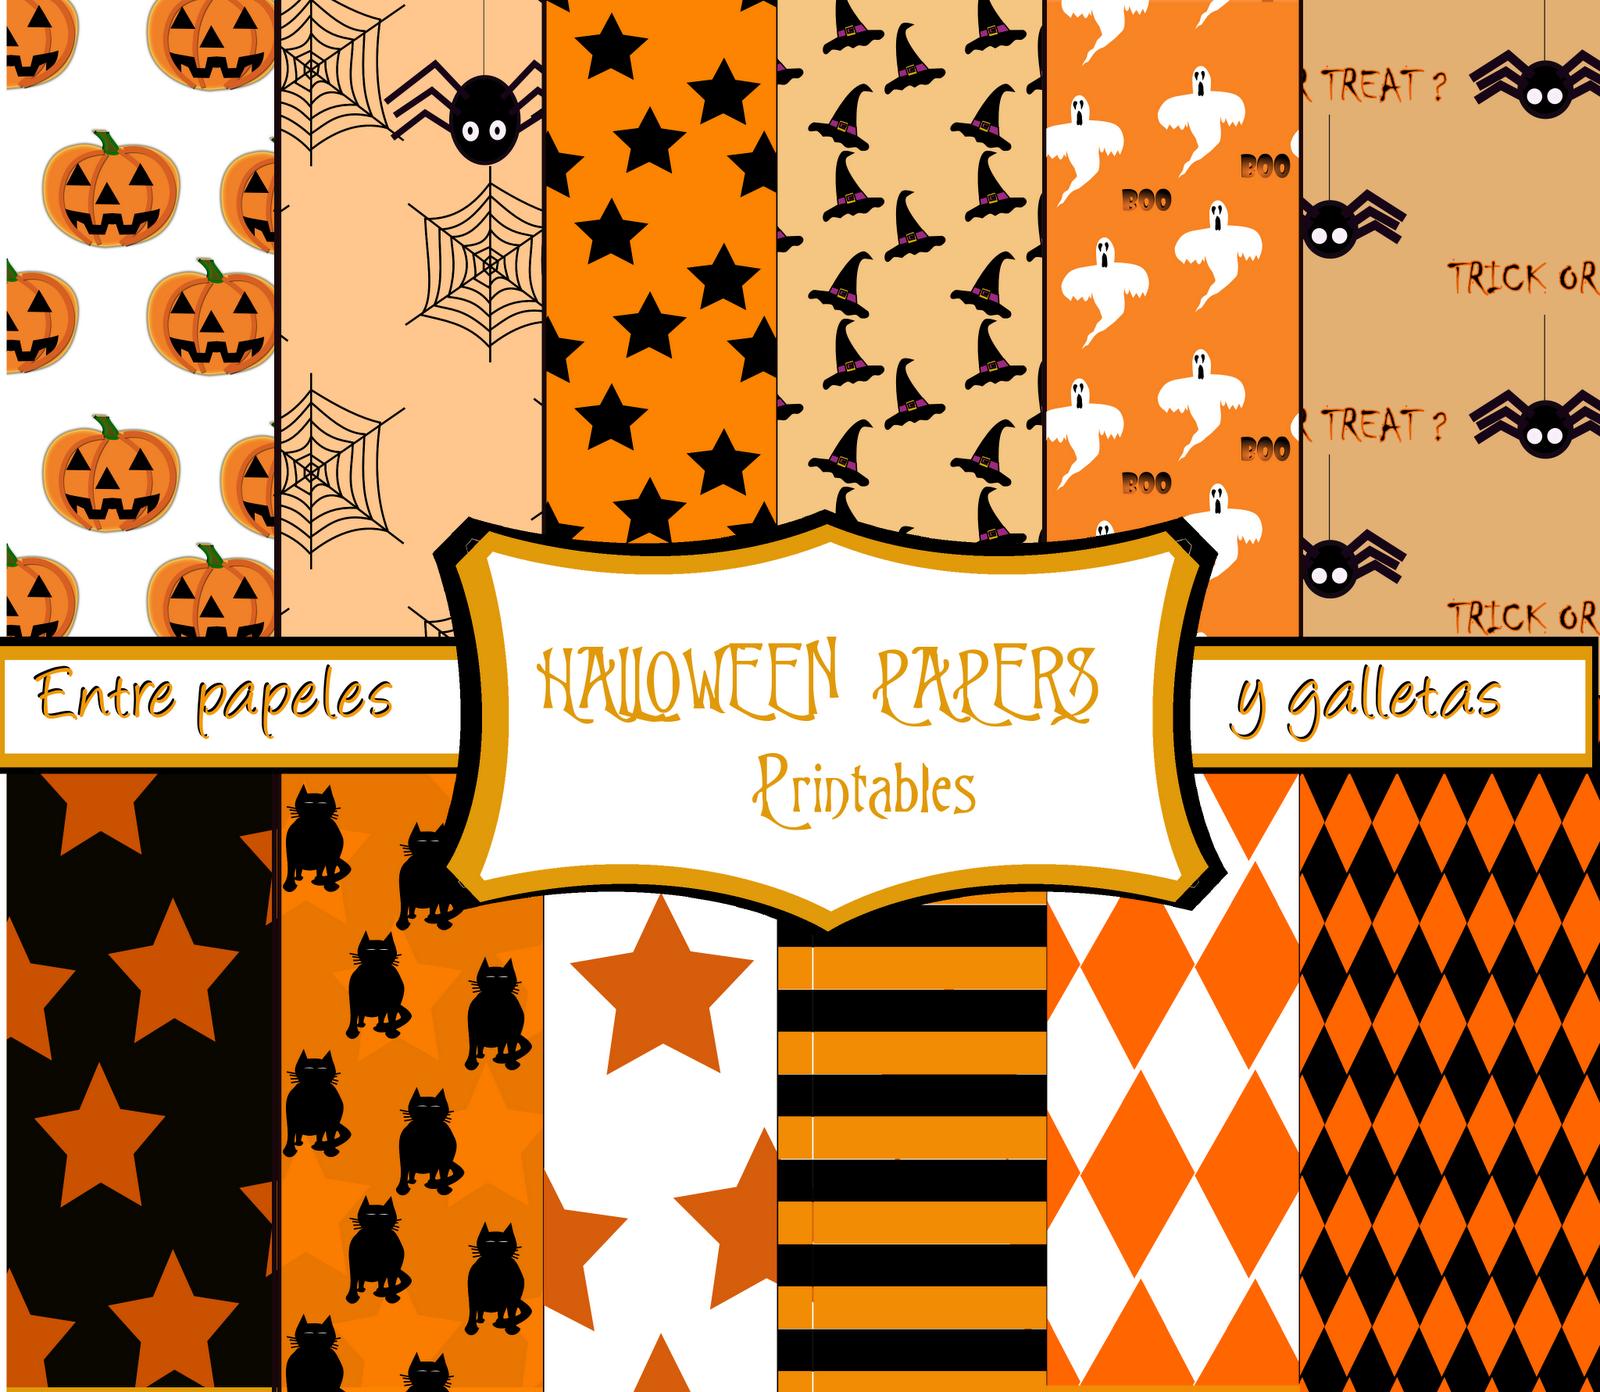 Imagenes De Halloween Para Imprimir